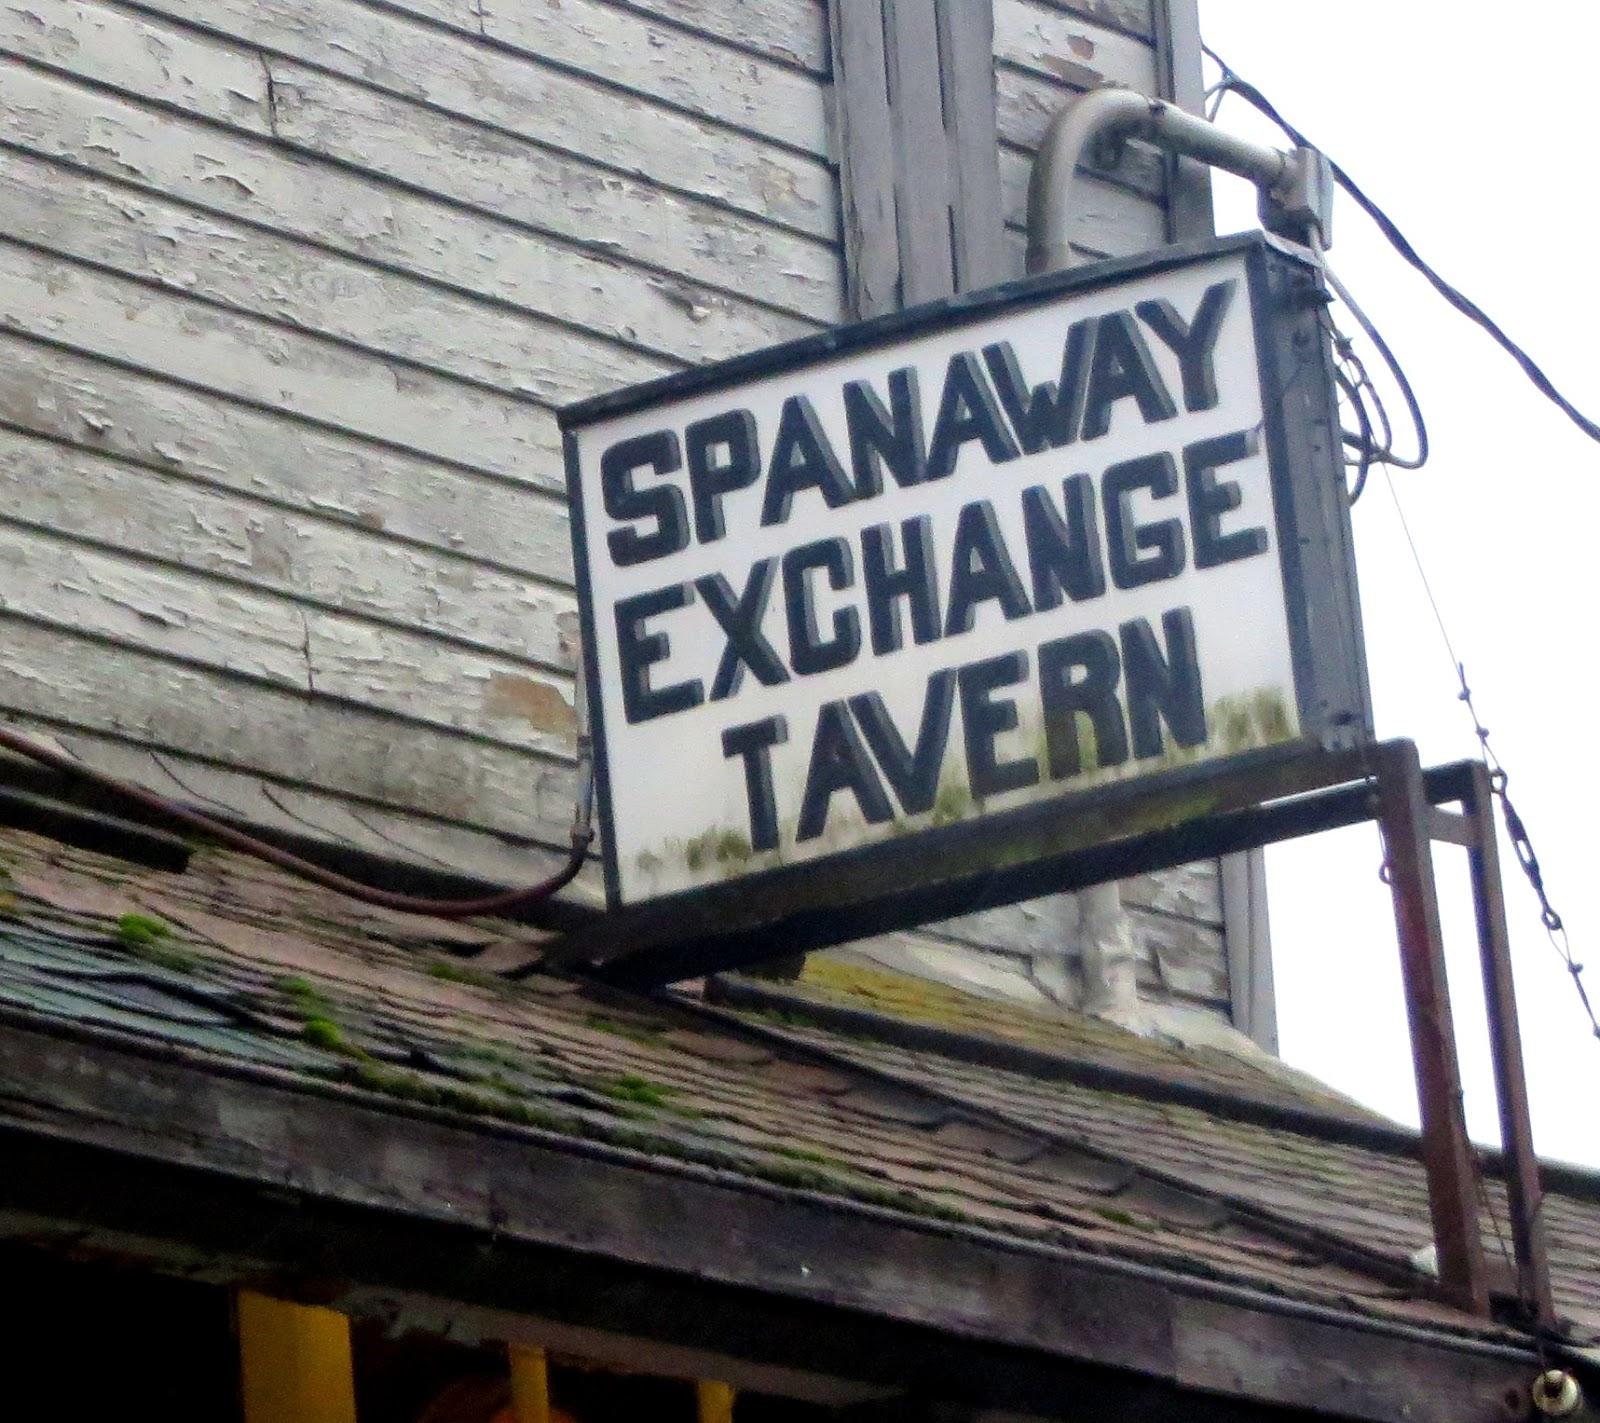 Seattlebars org: #2395 - Exchange Tavern, Spanaway, WA - 1/12/2014